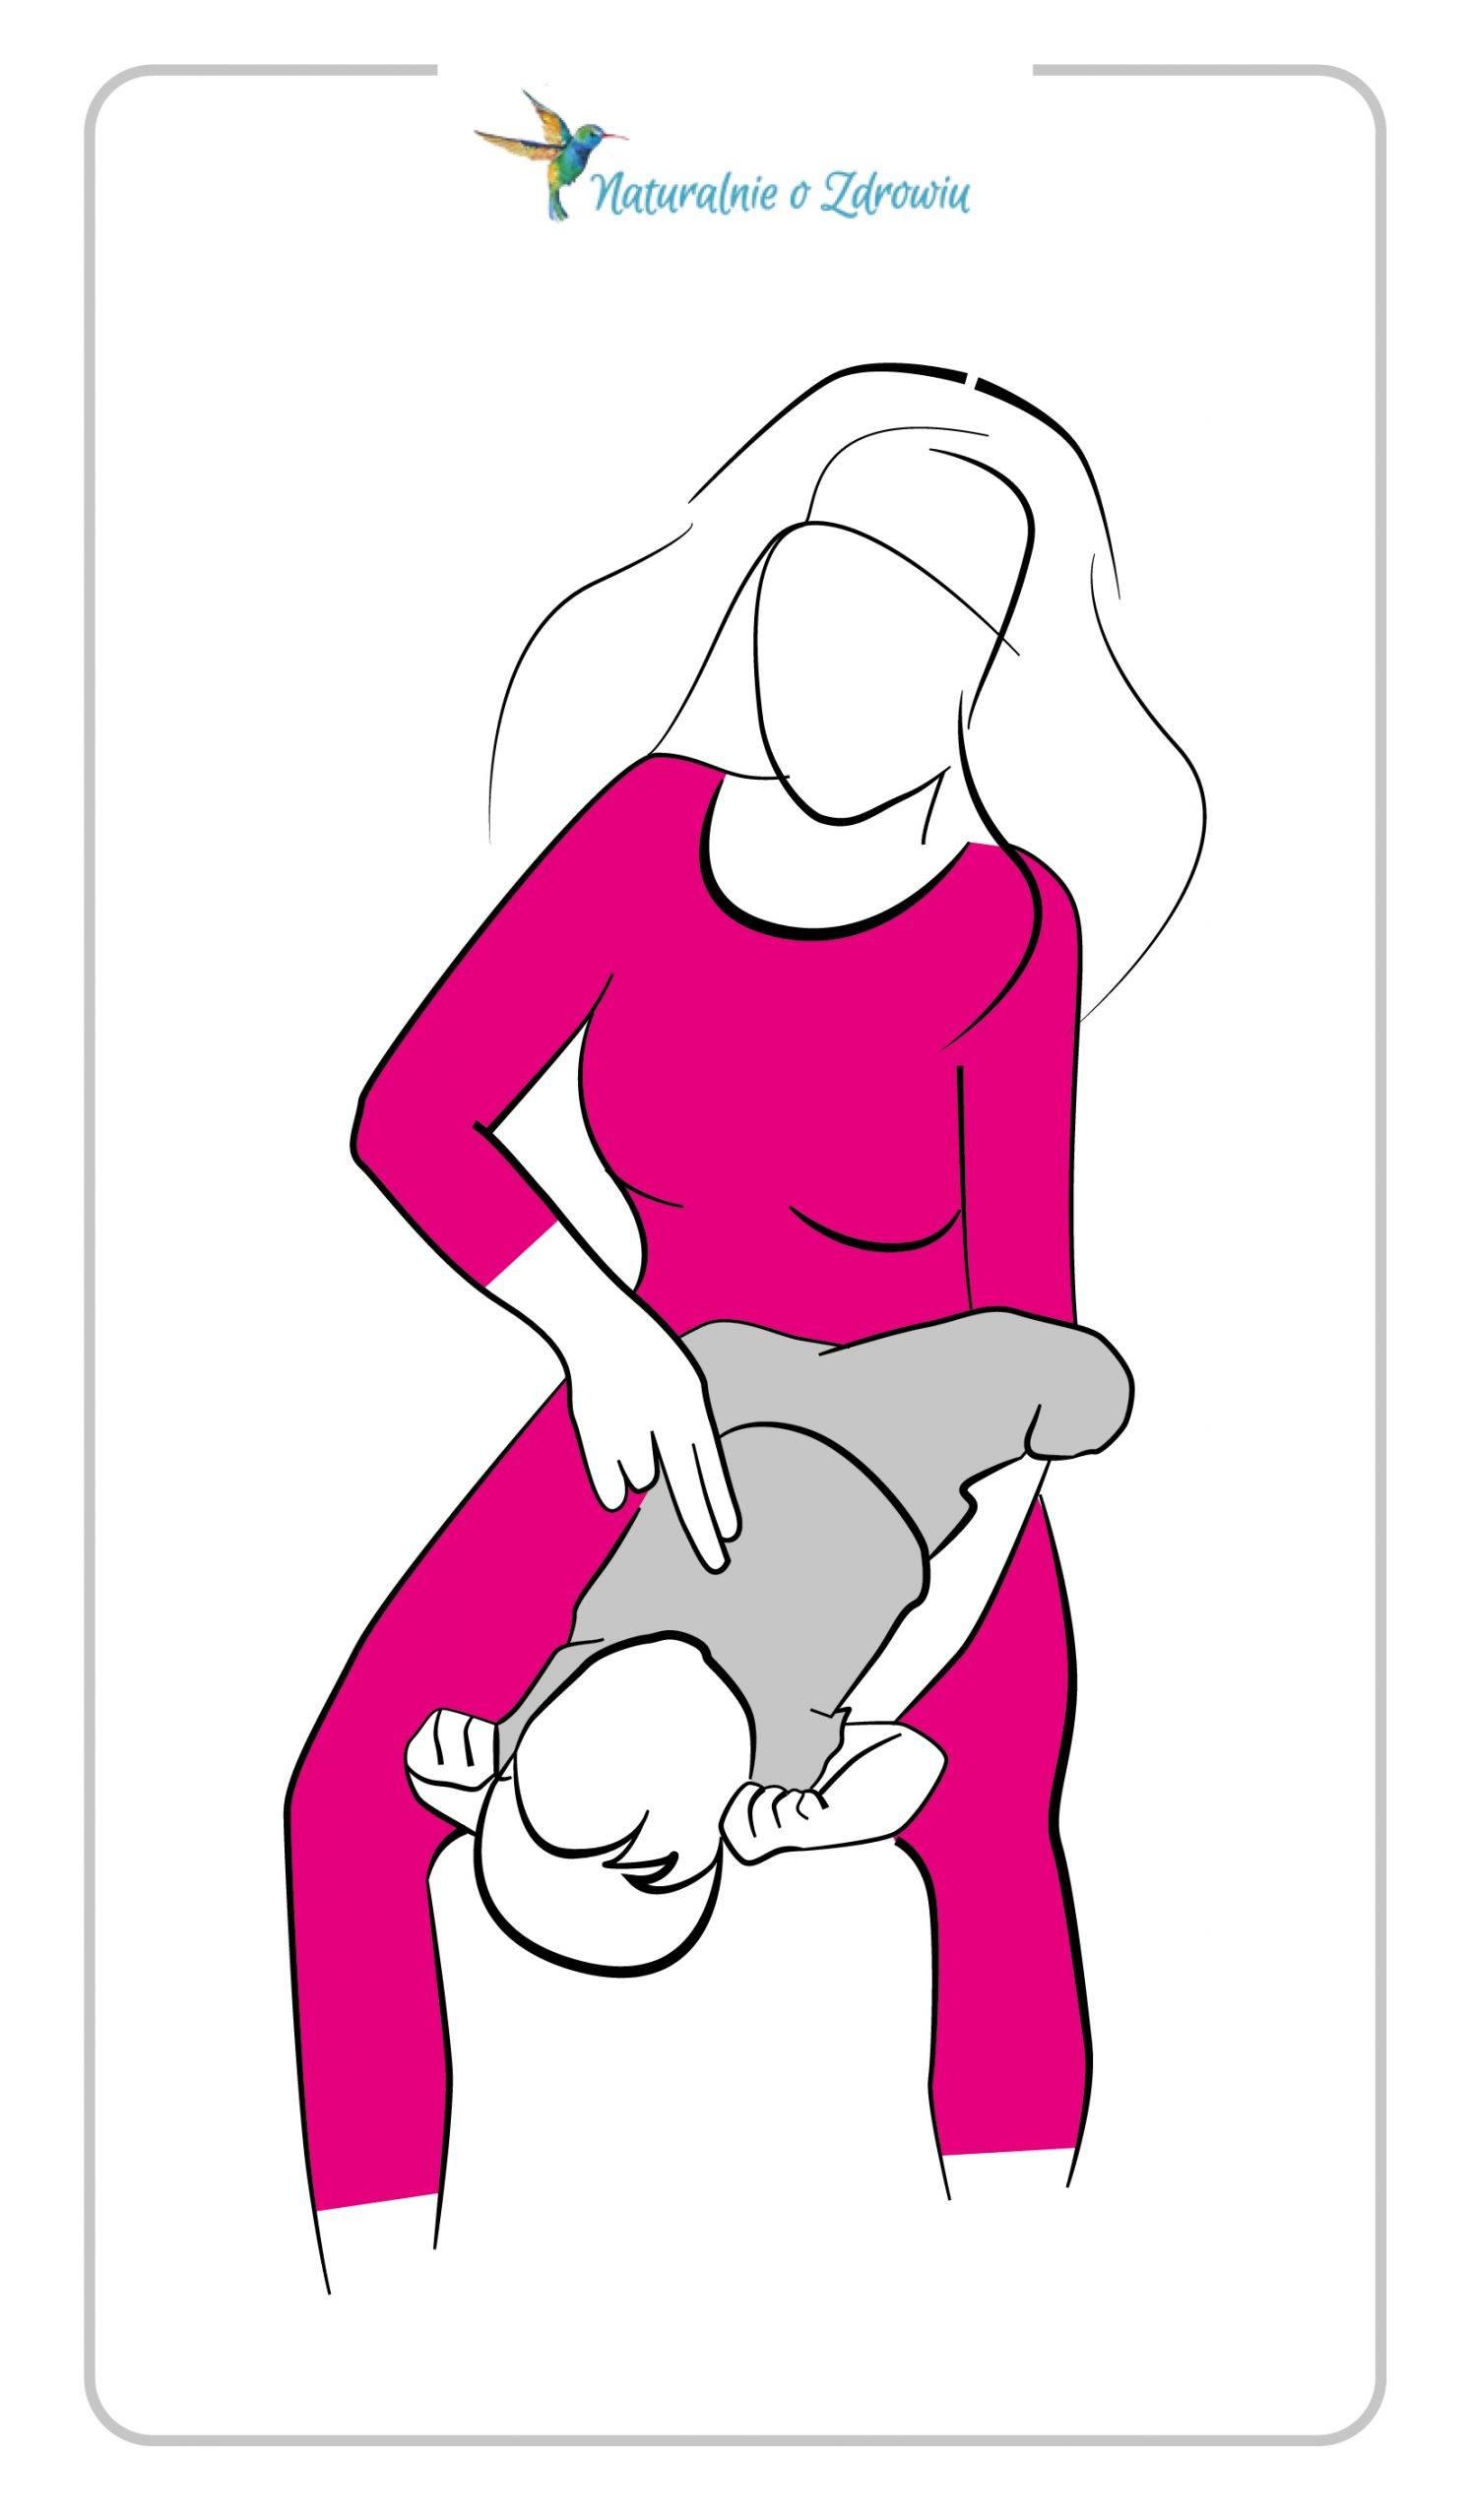 Zakrztuszenie u niemowlaka - co robić, gdy dziecko przestanie oddychać? Infografika przedstawiająca pierwszą pomoc.